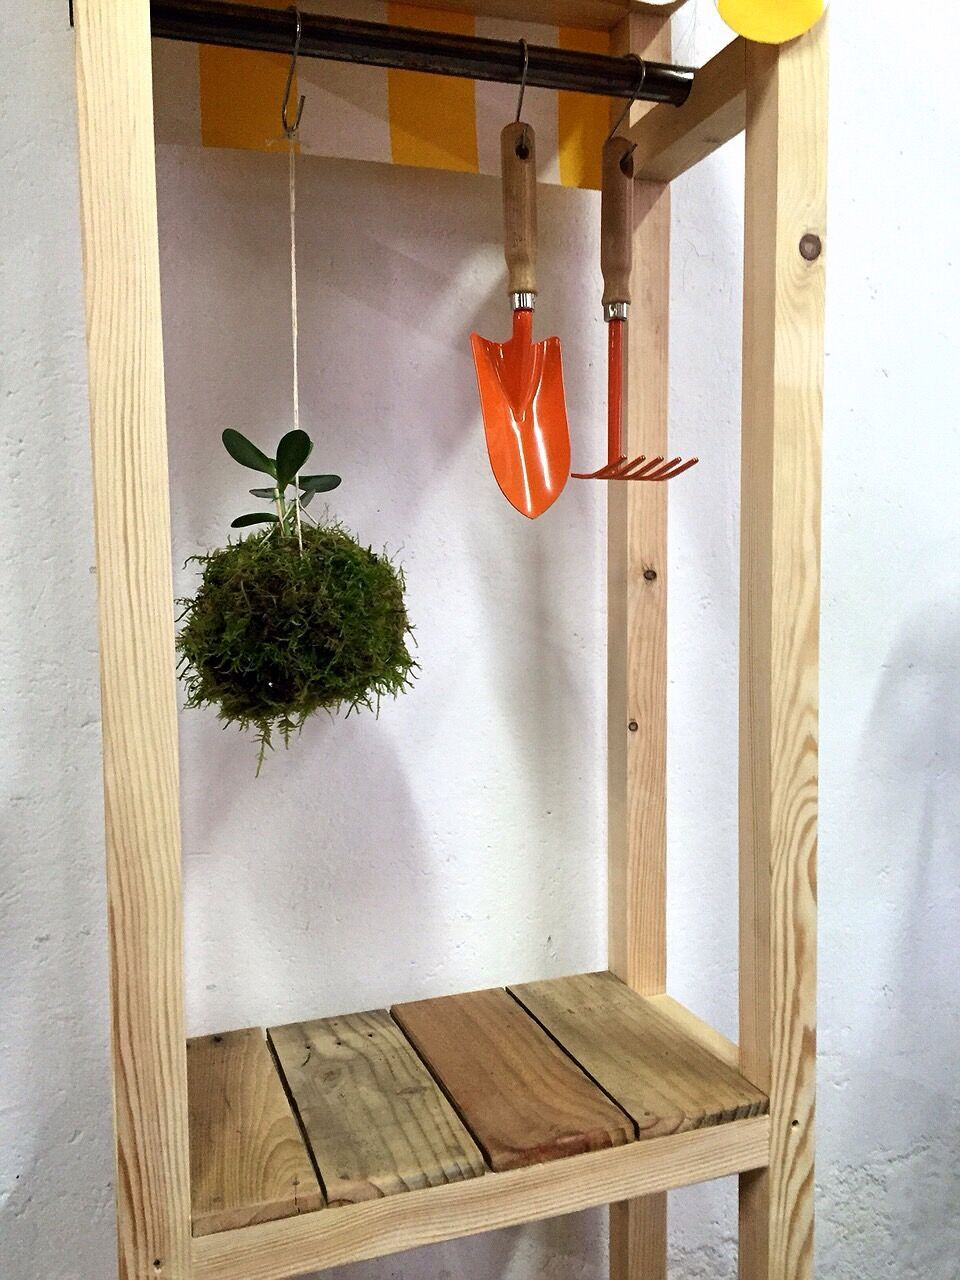 Jardinera a medida confeccionada con madera de pino y - Jardineras a medida ...